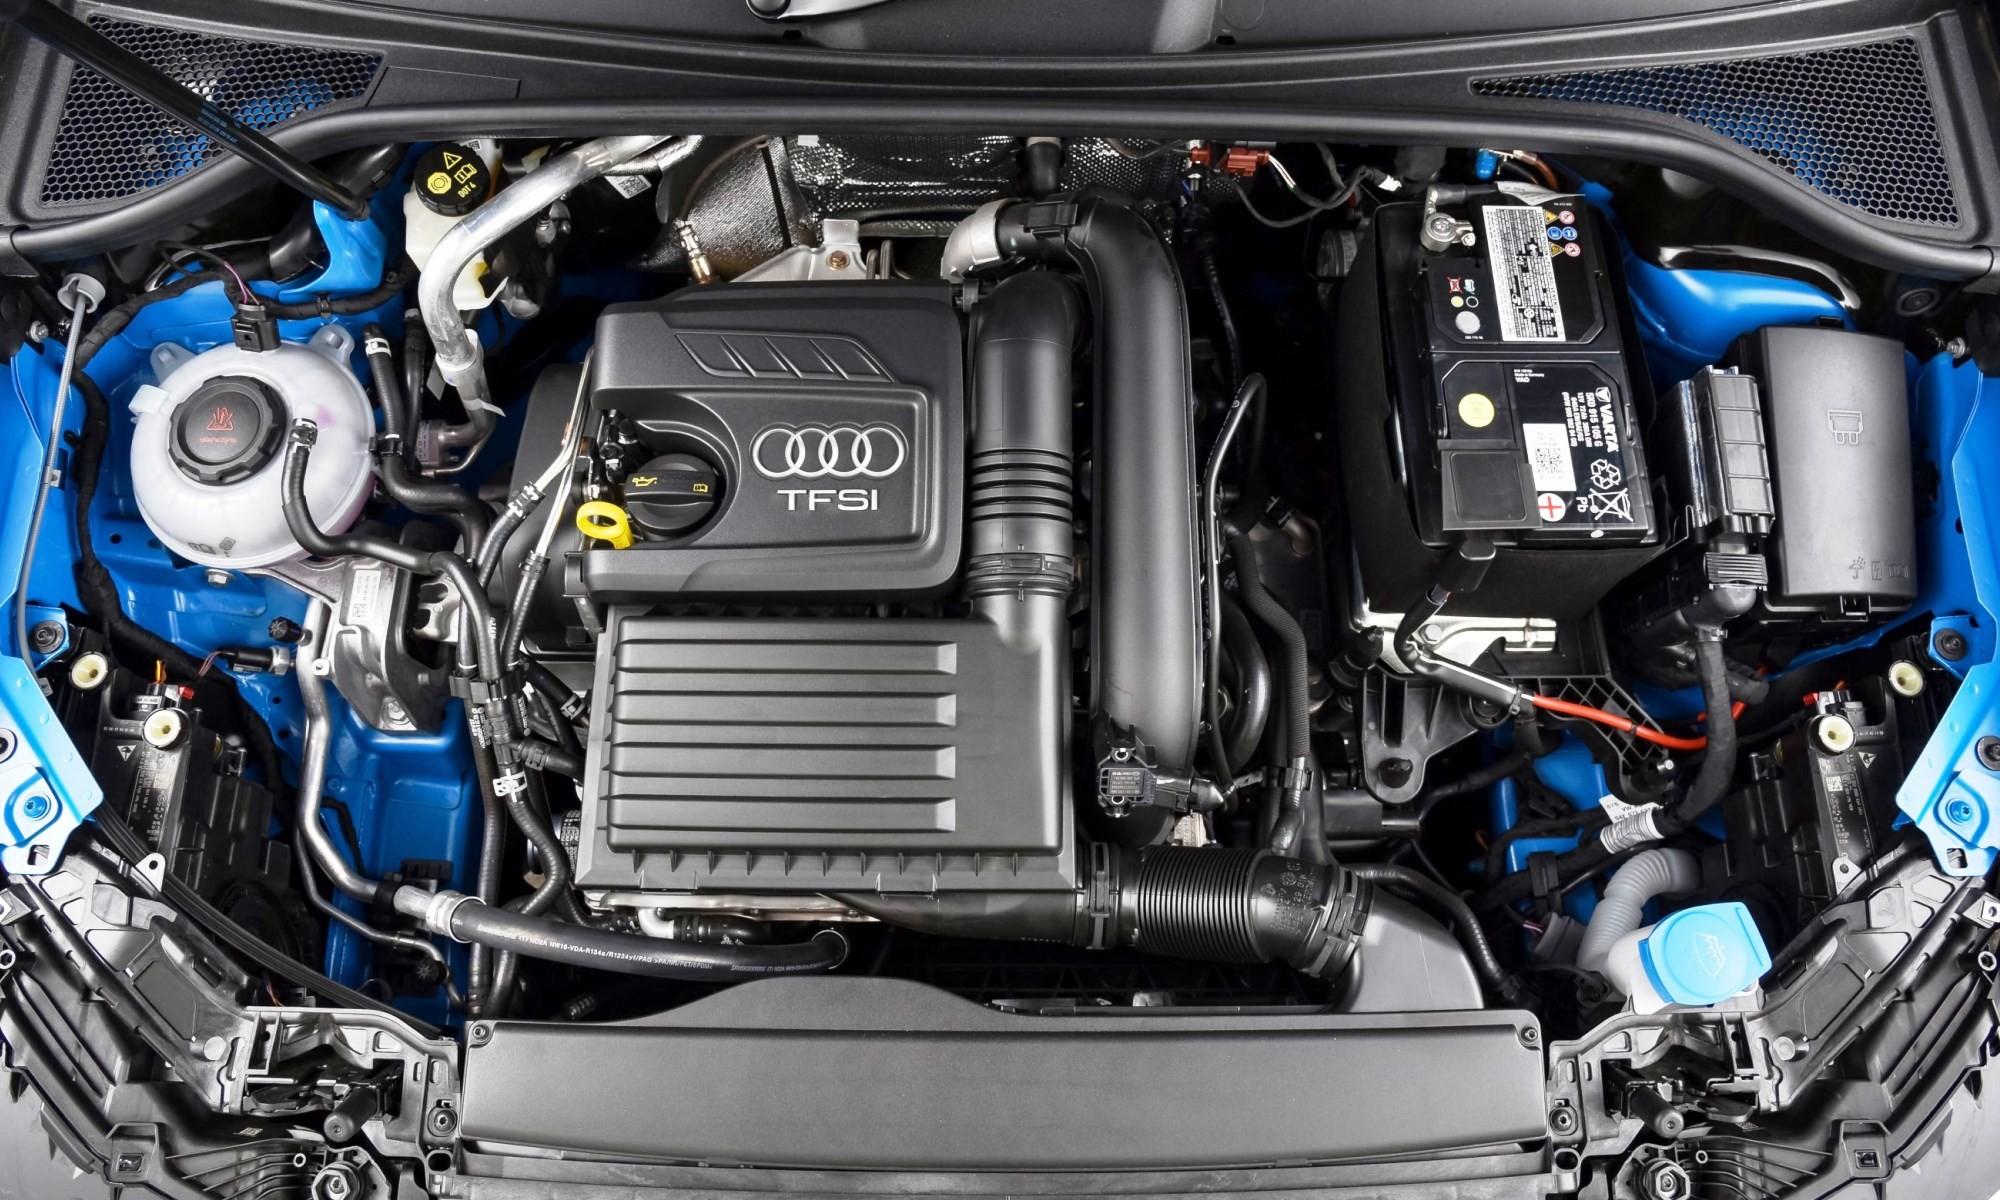 Audi Q3 engine